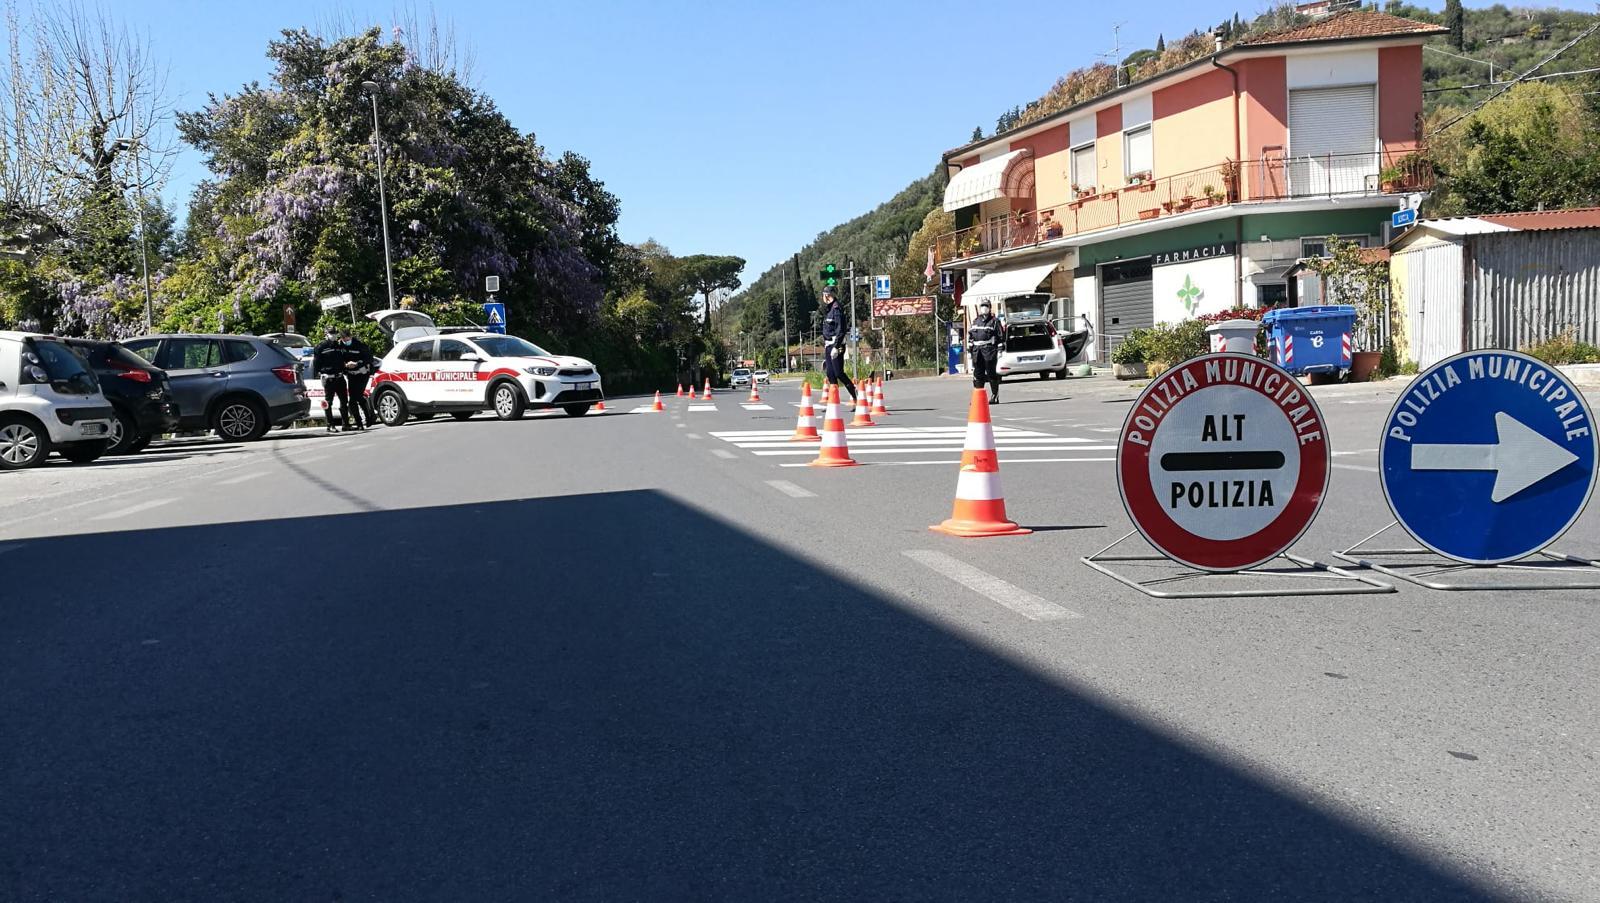 Nessun vacanziere sanzionato a Camaiore, i presunti trasgressori erano medici e infermieri arrivati per rinforzare il personale del Versilia